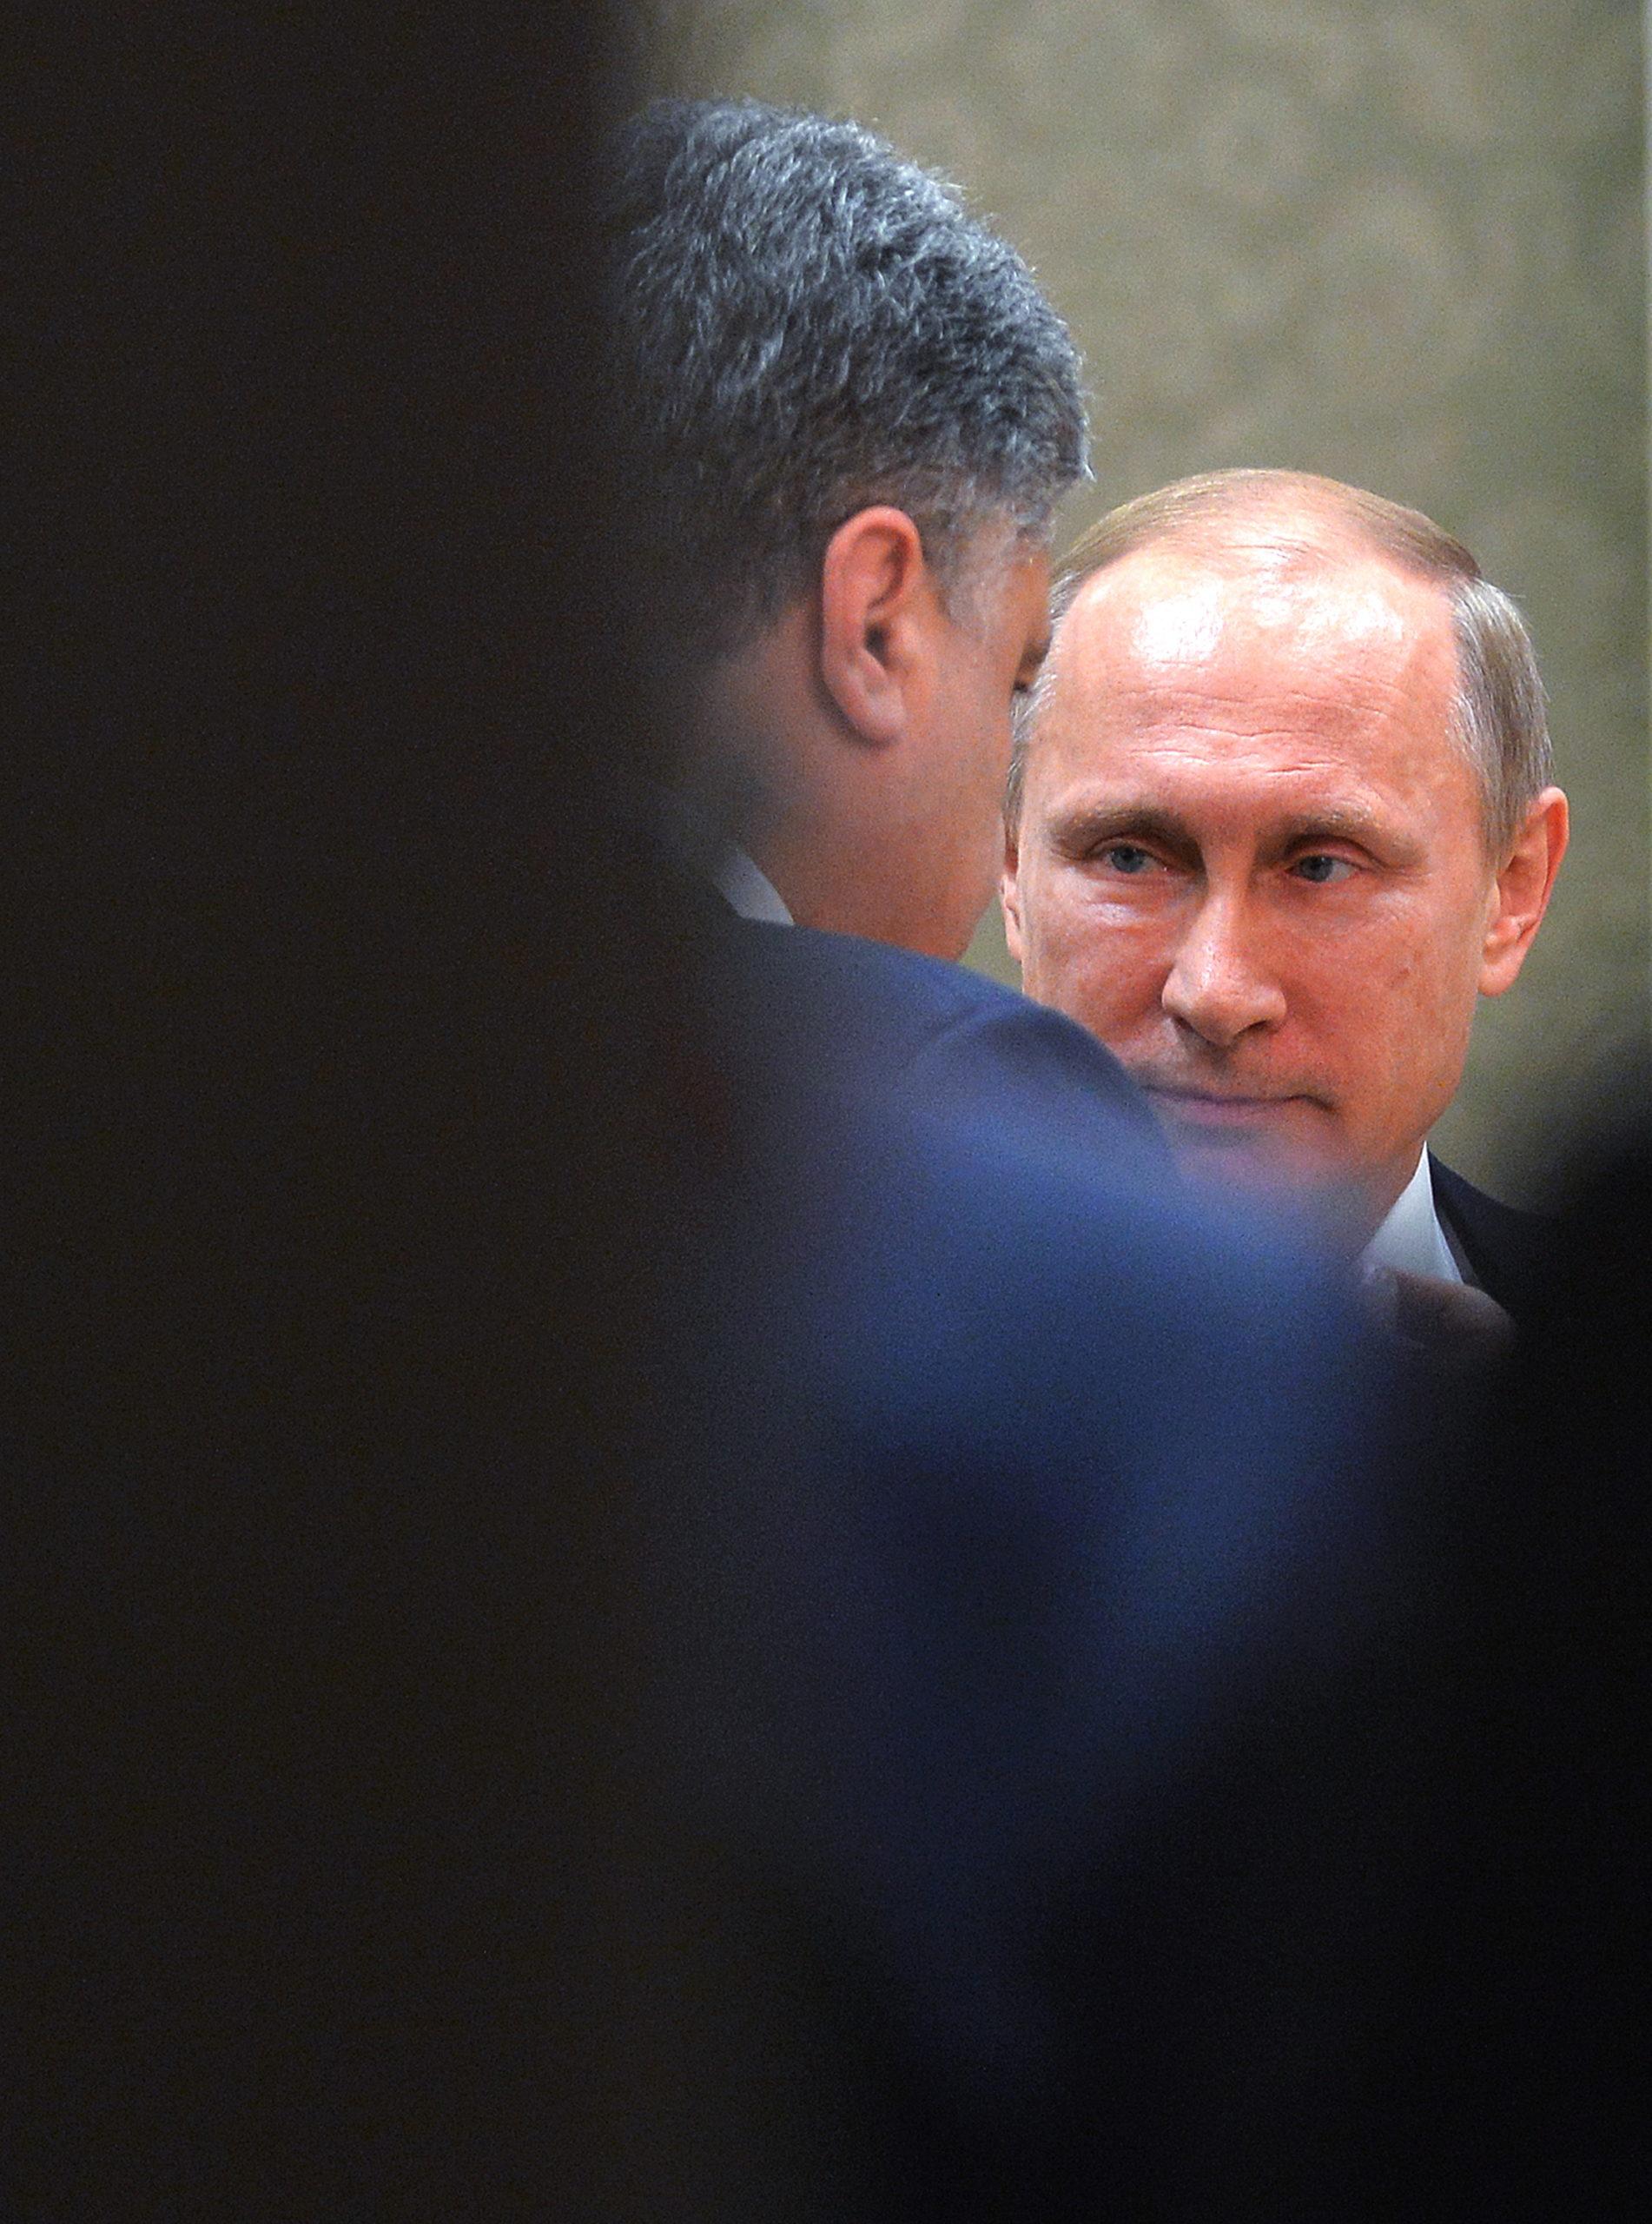 Ukrainan presidentti Petro Porošenko keskusteli Venäjän presidentti Vladimir Putinin kanssa Minskin rauhanneuvotteluissa helmikuussa 2015. // KUVA: ALEKSEI DRUŽININ/ITAR-TASS/AOP